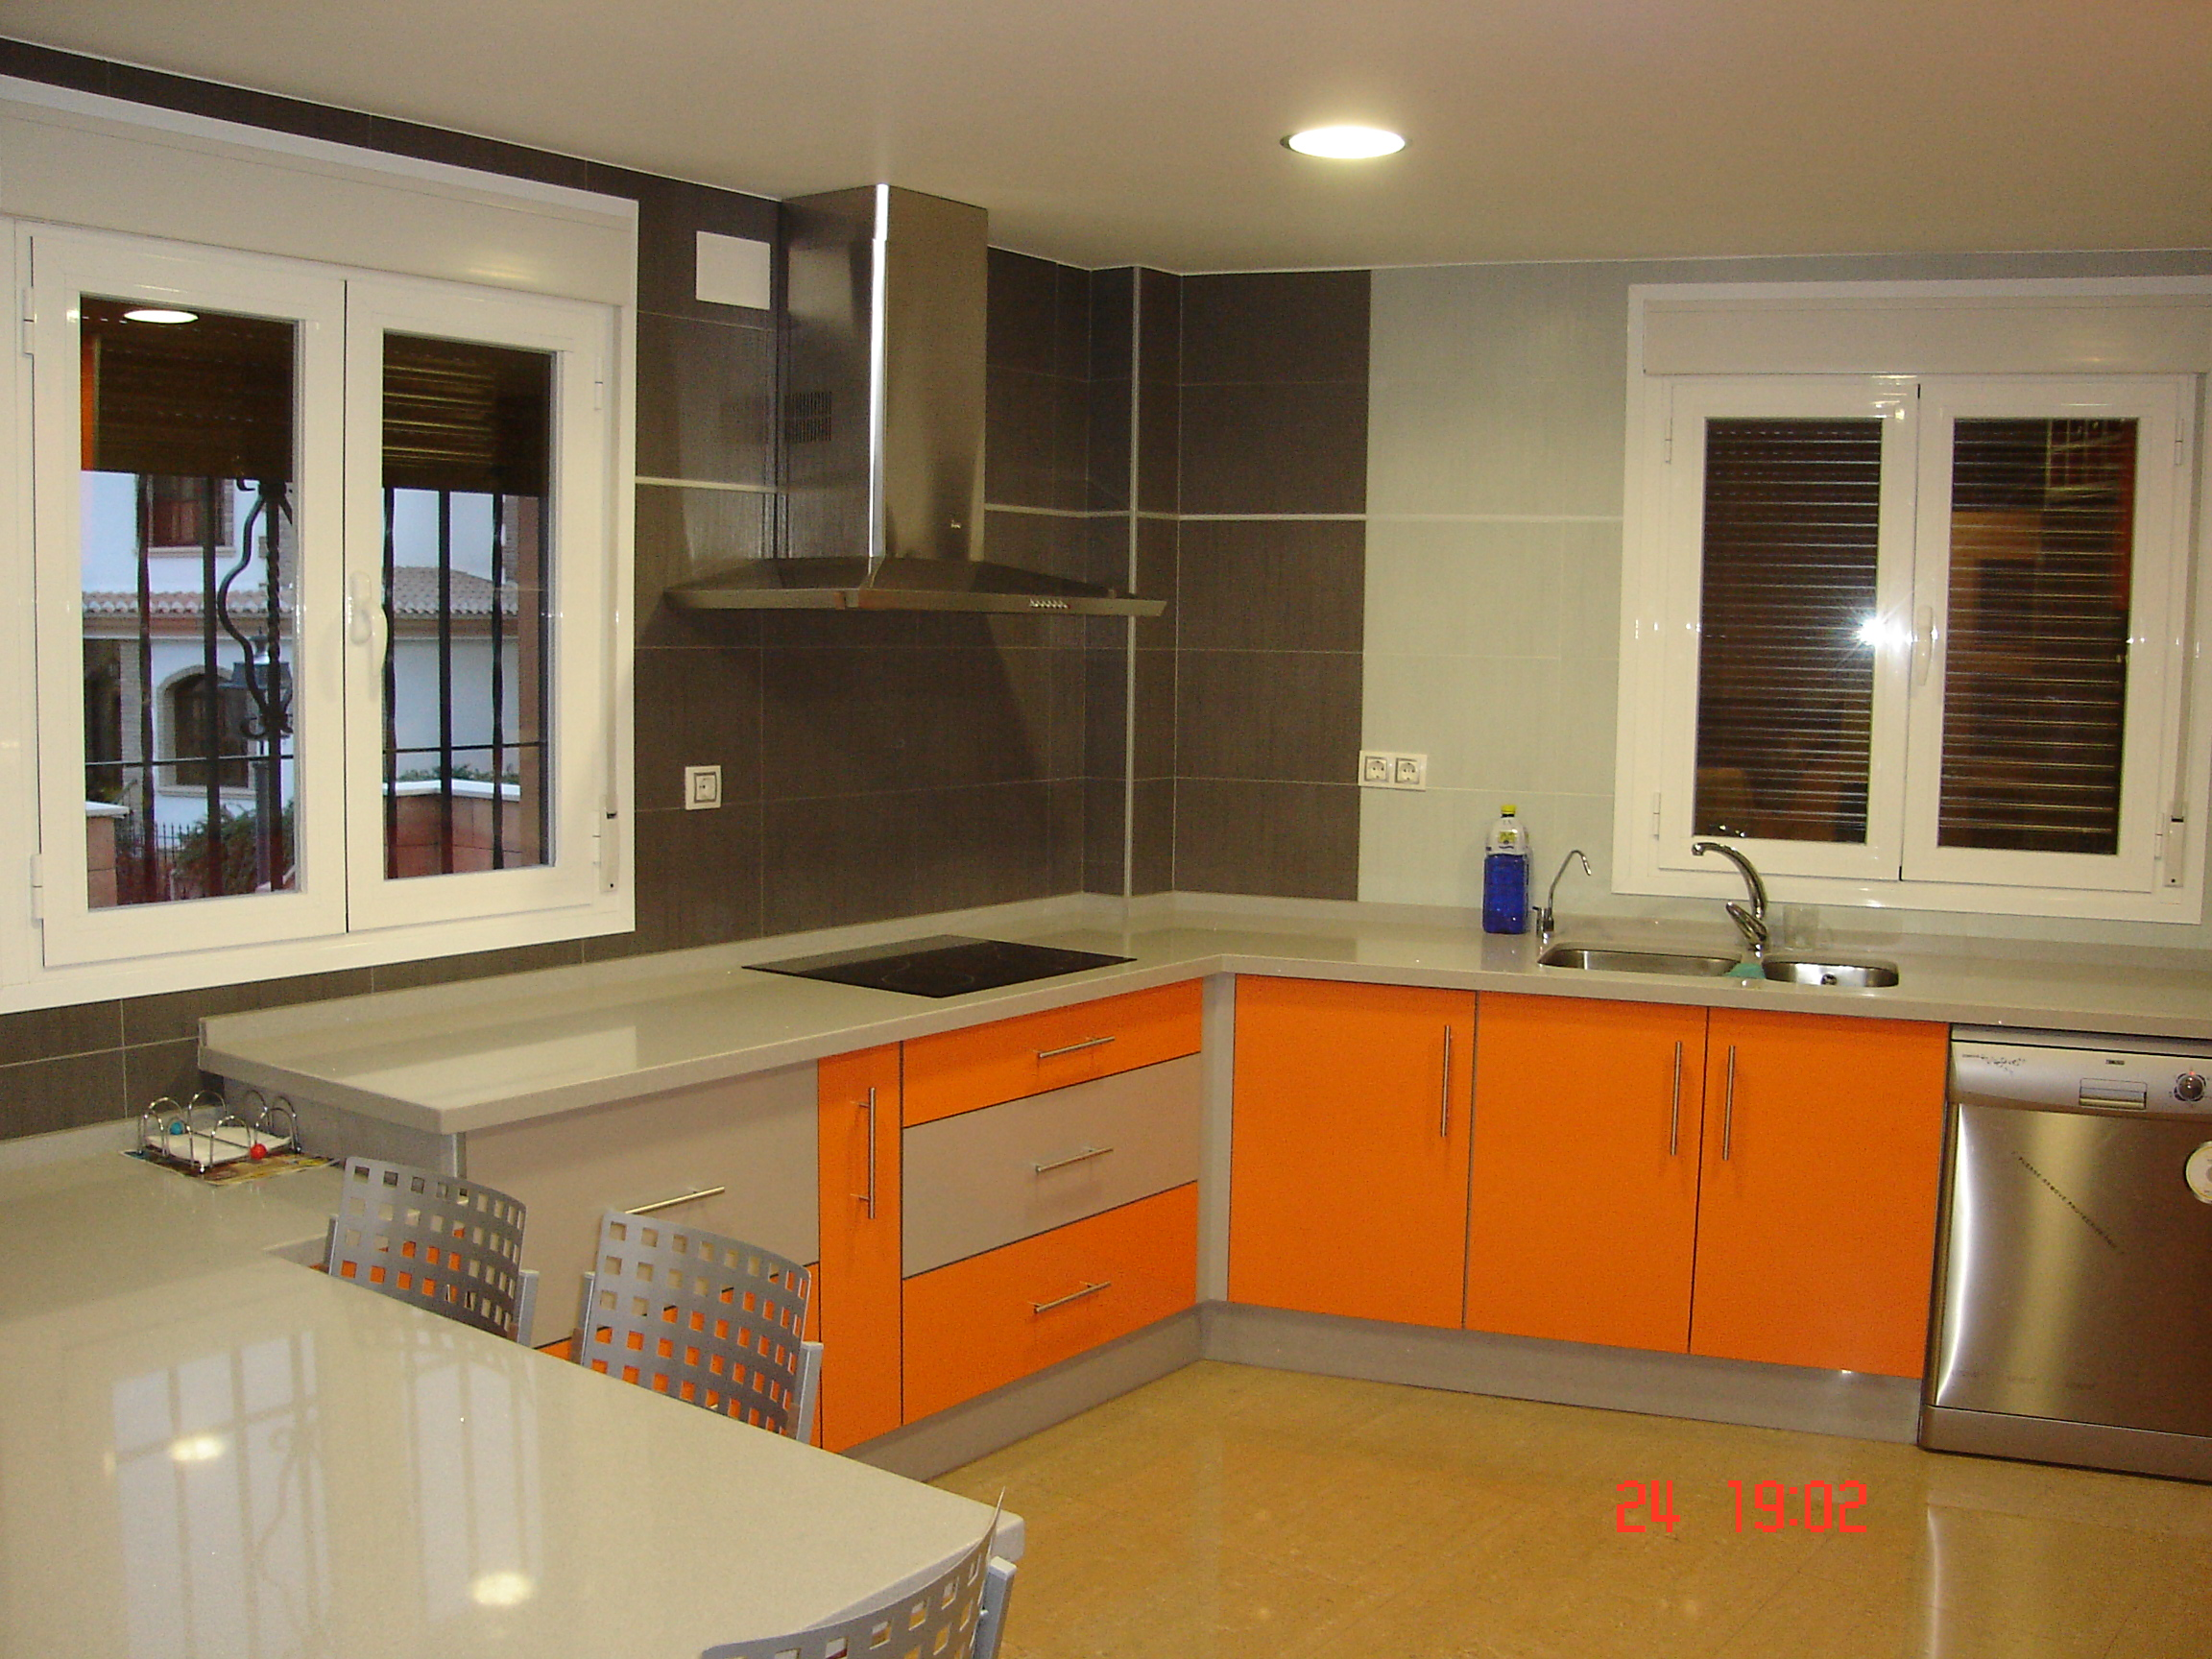 Top cocinas integrales rusticas wallpapers - Imagenes de cocinas rusticas ...